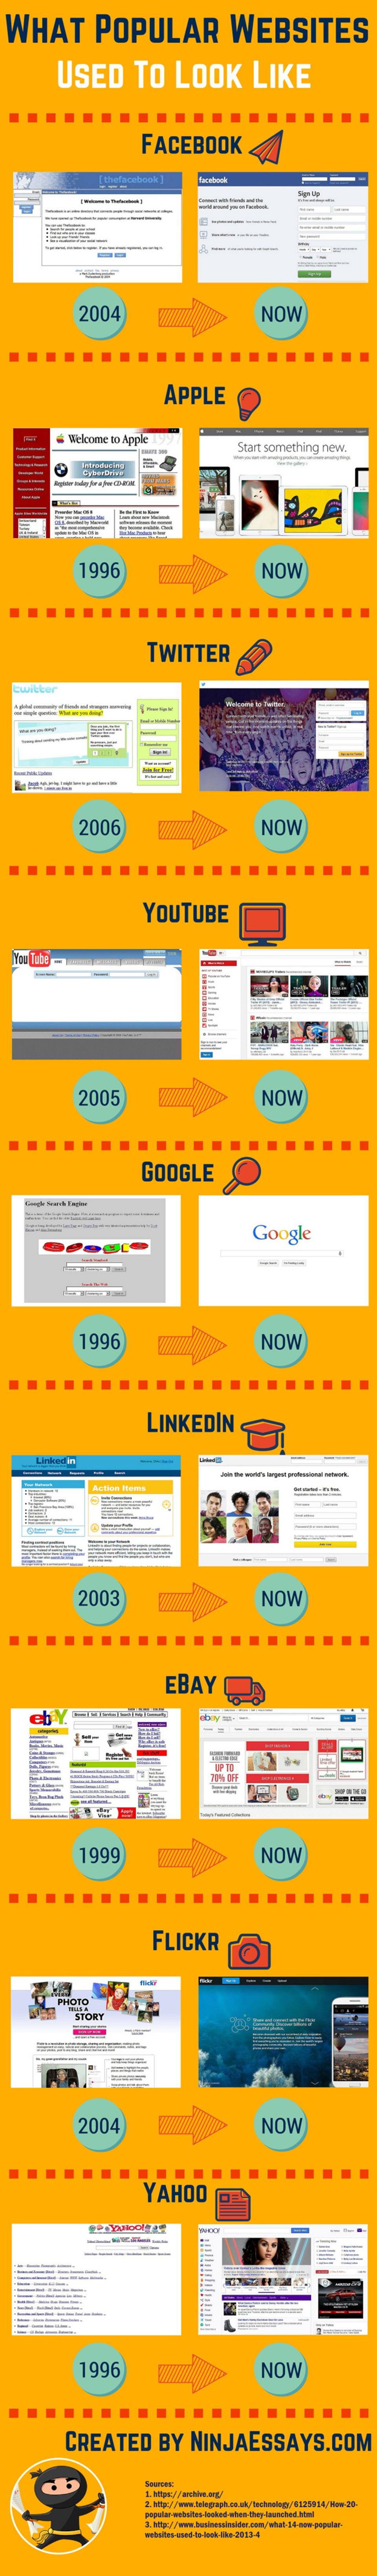 Conheça o visual de sites como Google e Facebook no passado [infográfico]